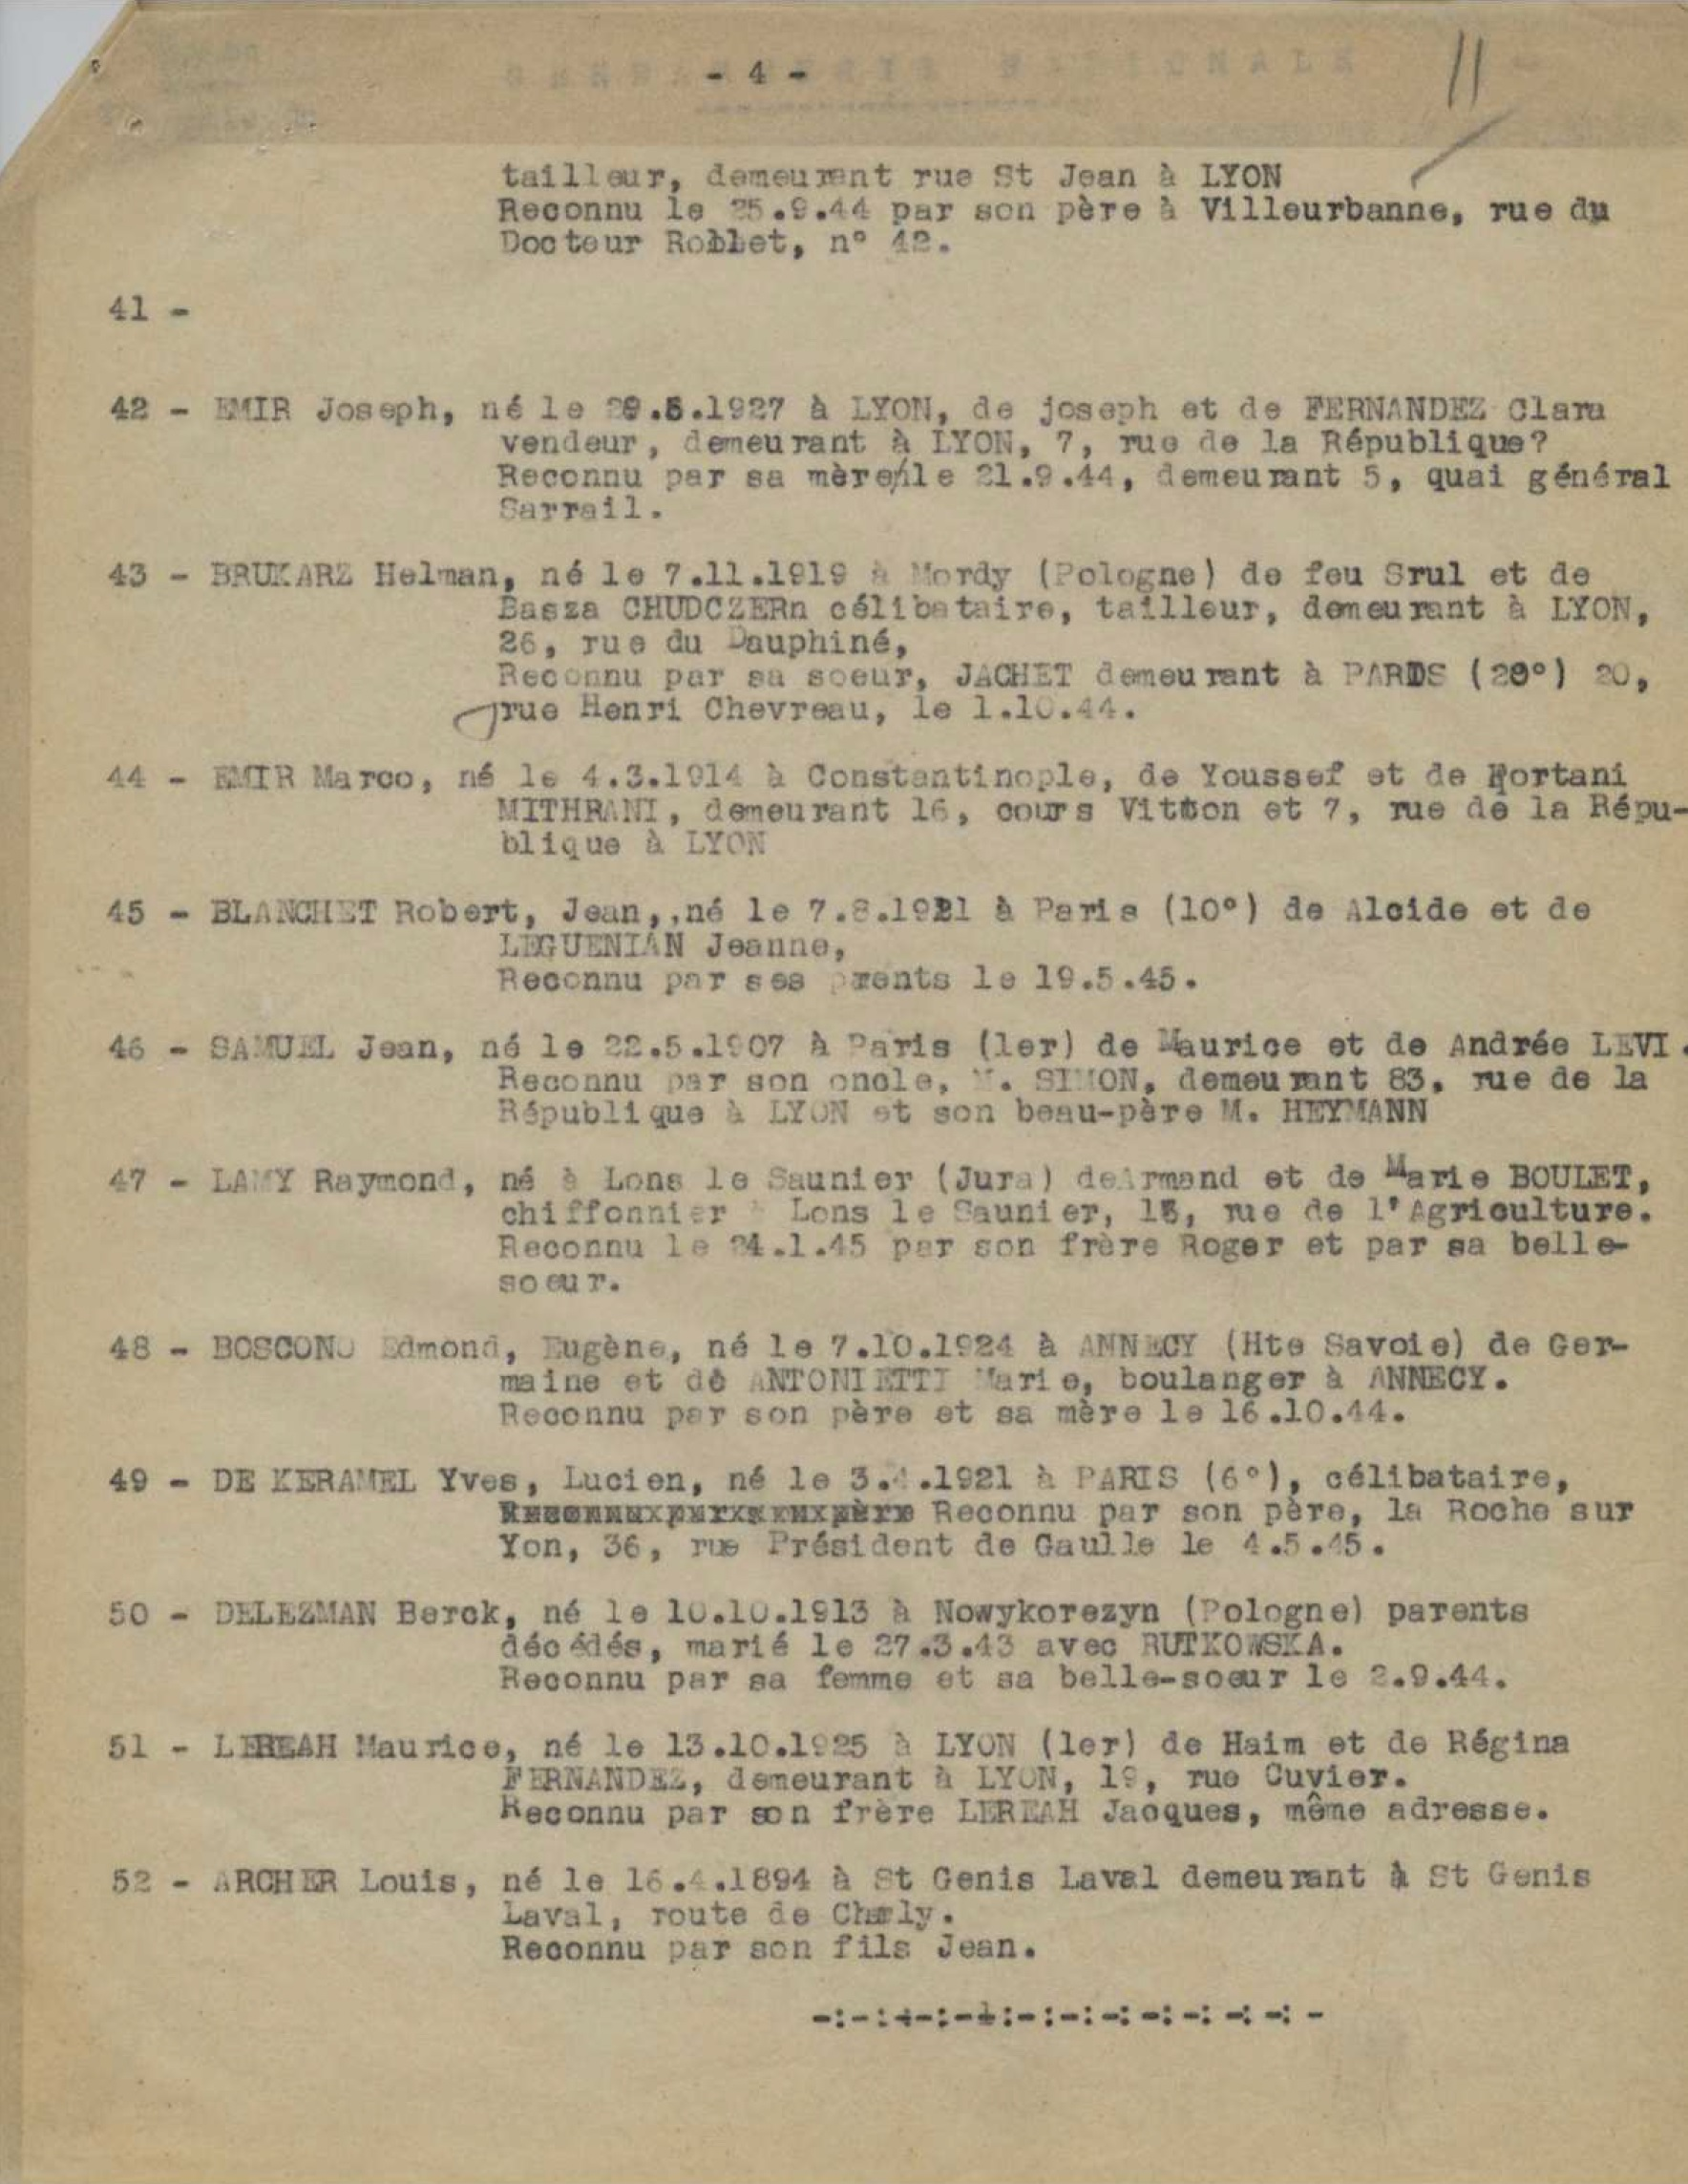 Maurice Lereah, Procès verbal du 18/01/1946 sur les 52 fusillés de Chatillons d'azergues